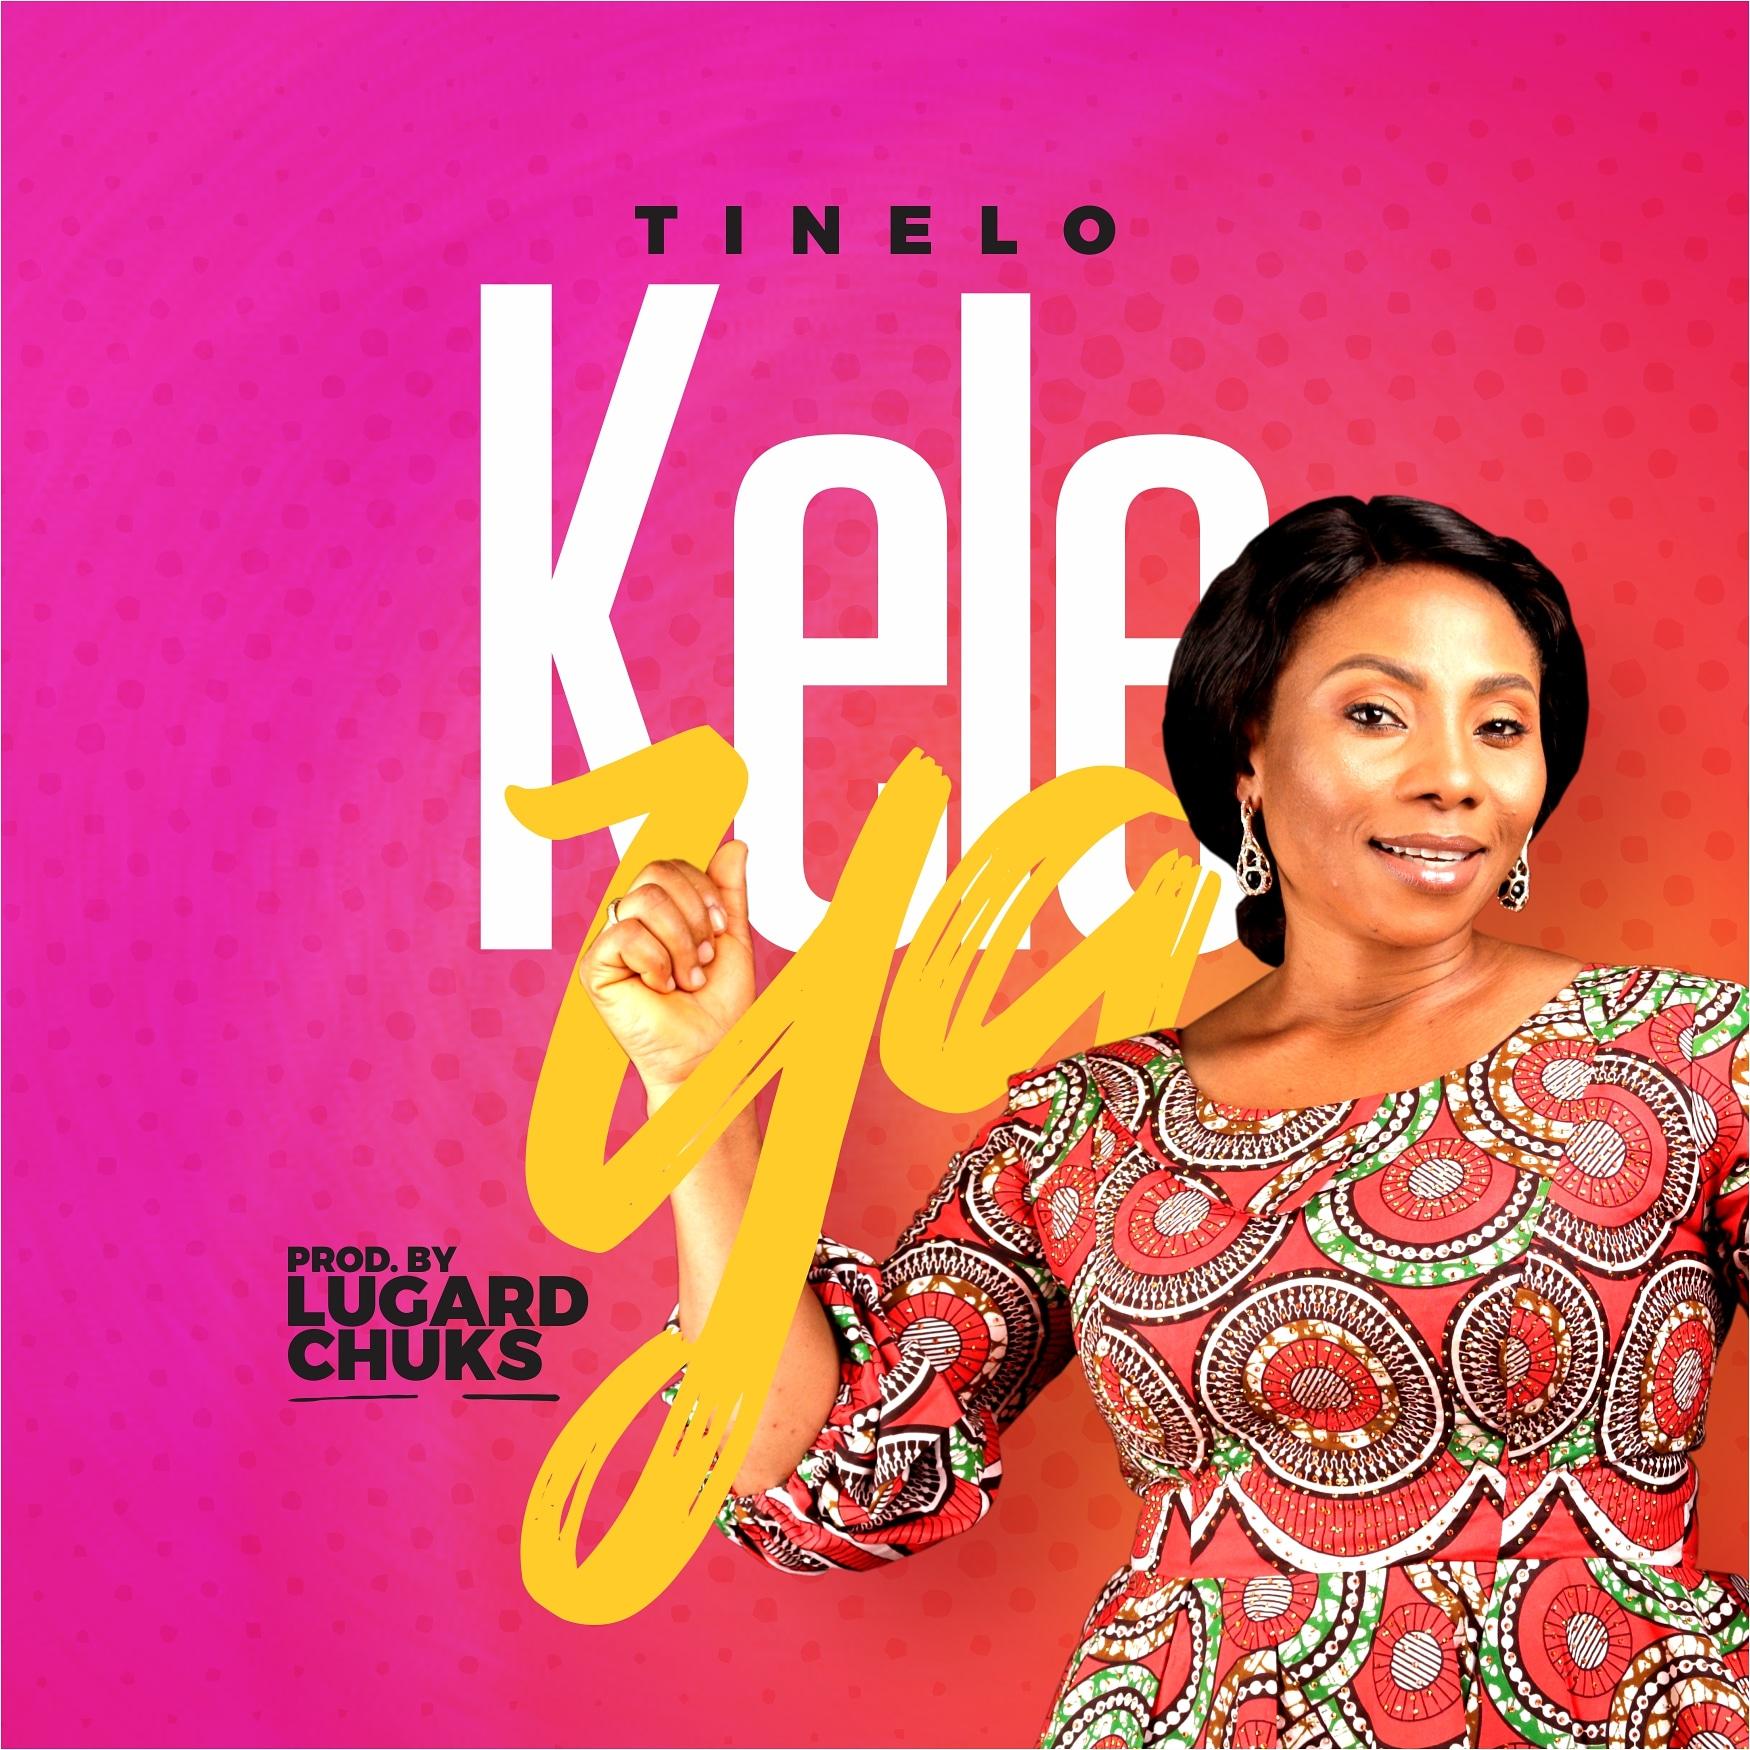 Tinelo - Keleya